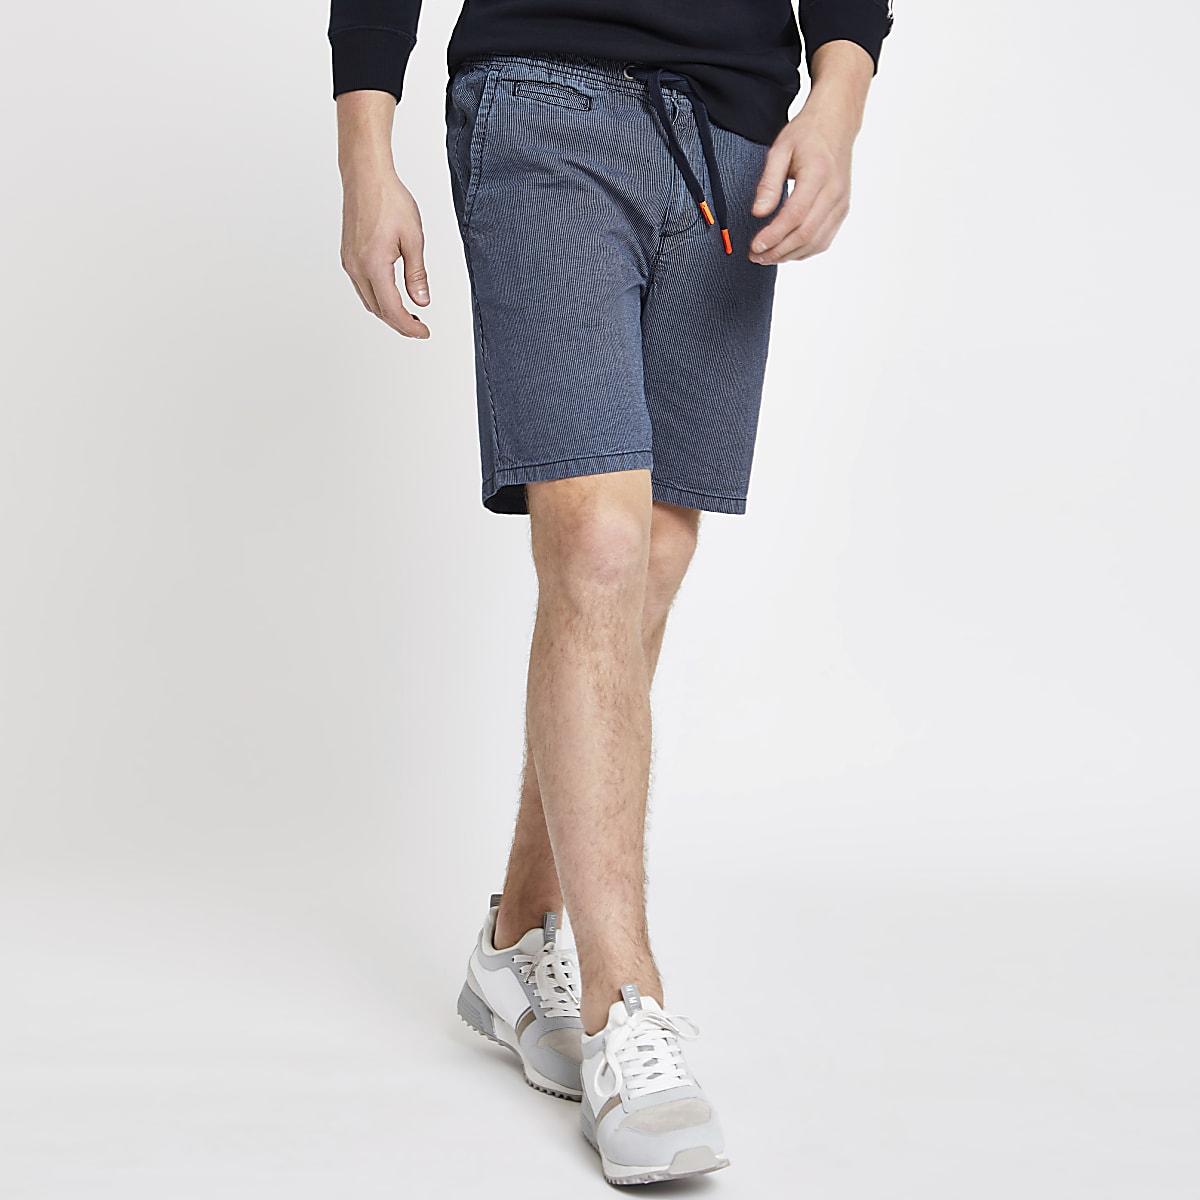 185d0071ff3af Superdry – Short bleu marine délavé par le soleil - Shorts casual ...